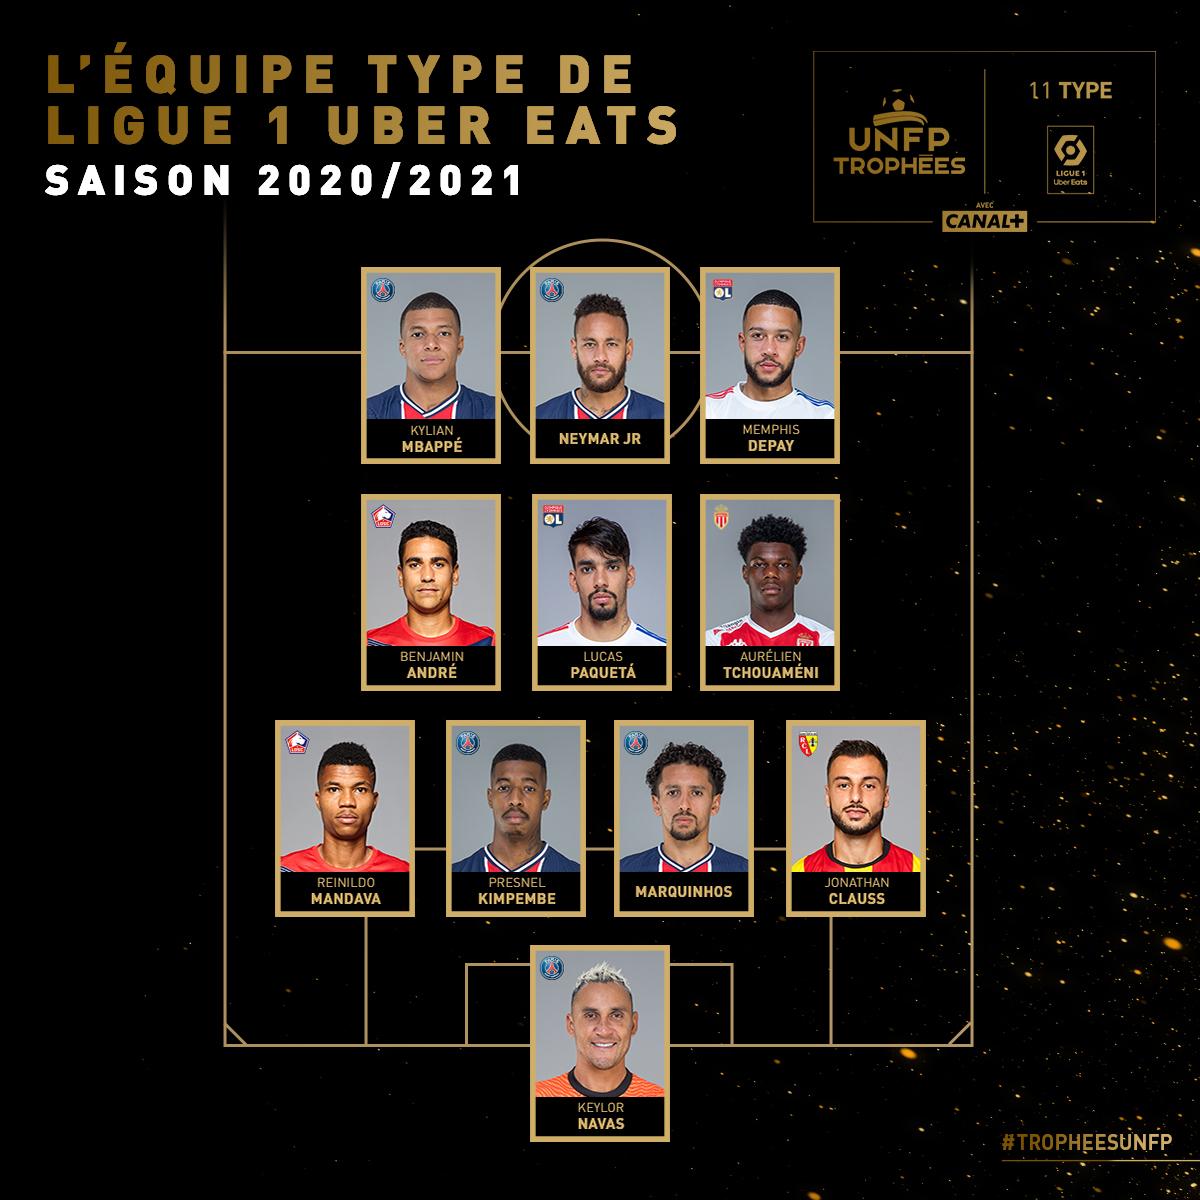 法甲官方赛季最佳阵:巴黎5人入选,冠军里尔仅2人插图